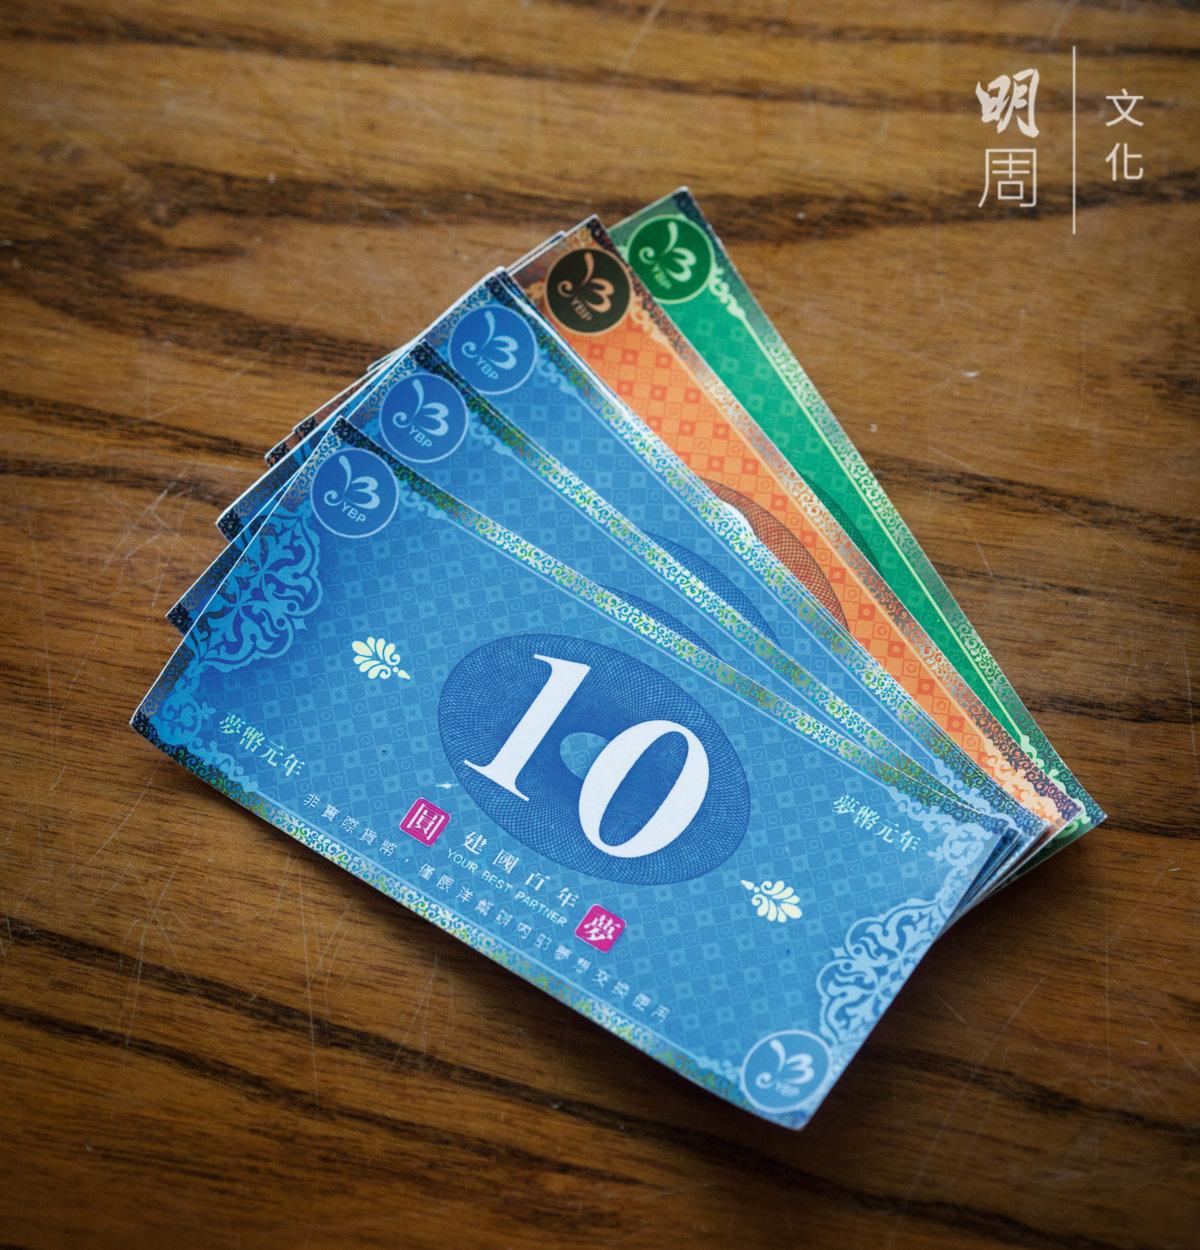 張佑輔一直夢寐以求 希望可以在社區內推 廣的時間貨幣,打破 金 錢 邏 輯, 交 換 勞 力、興趣、愛好。